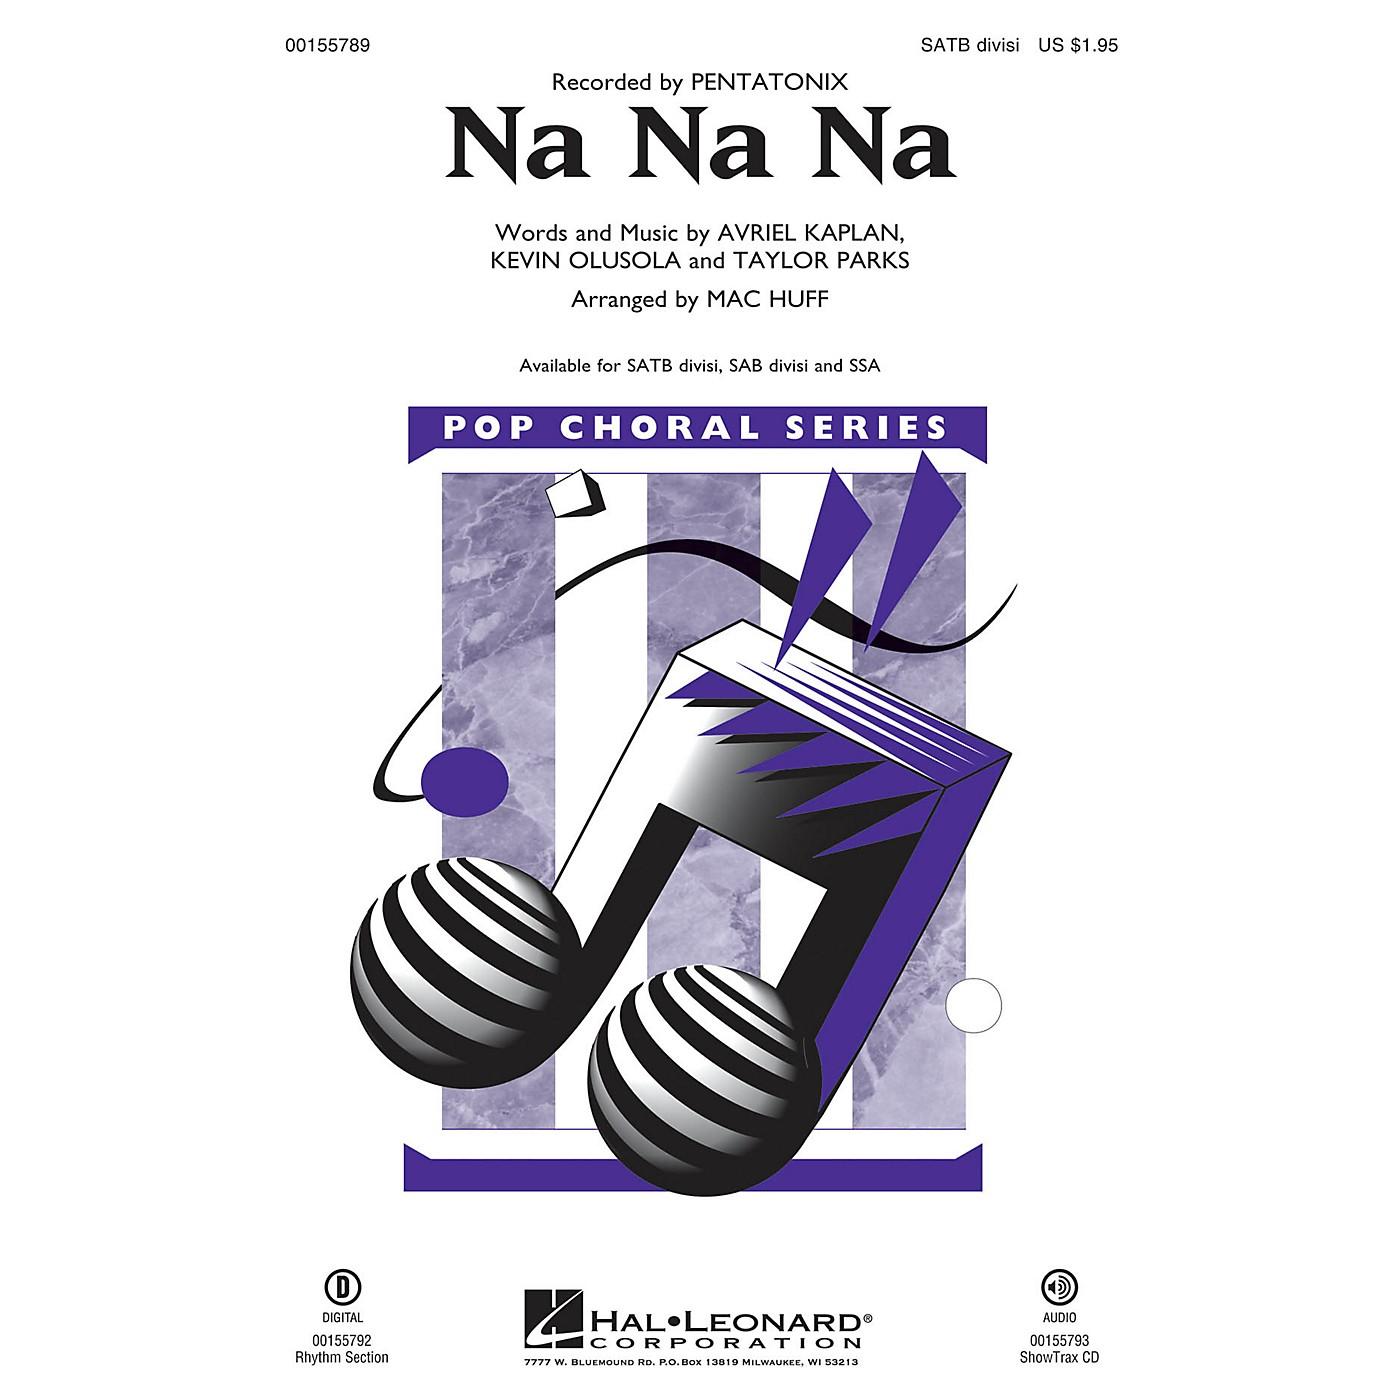 Hal Leonard Na Na Na SATB Divisi by Pentatonix arranged by Mac Huff thumbnail